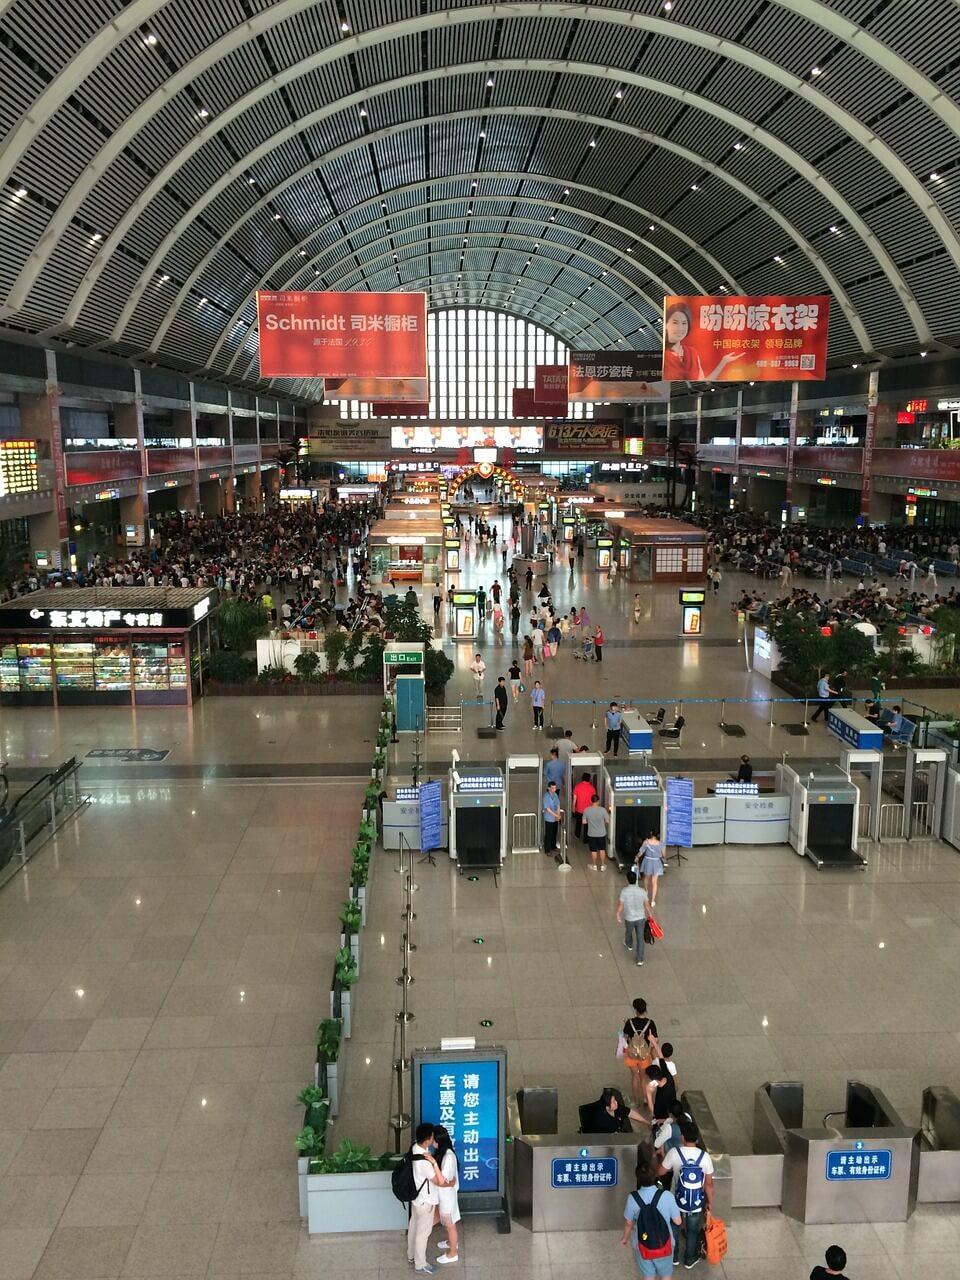 Blick in eine moderne Bahnhofshalle in Shenyang